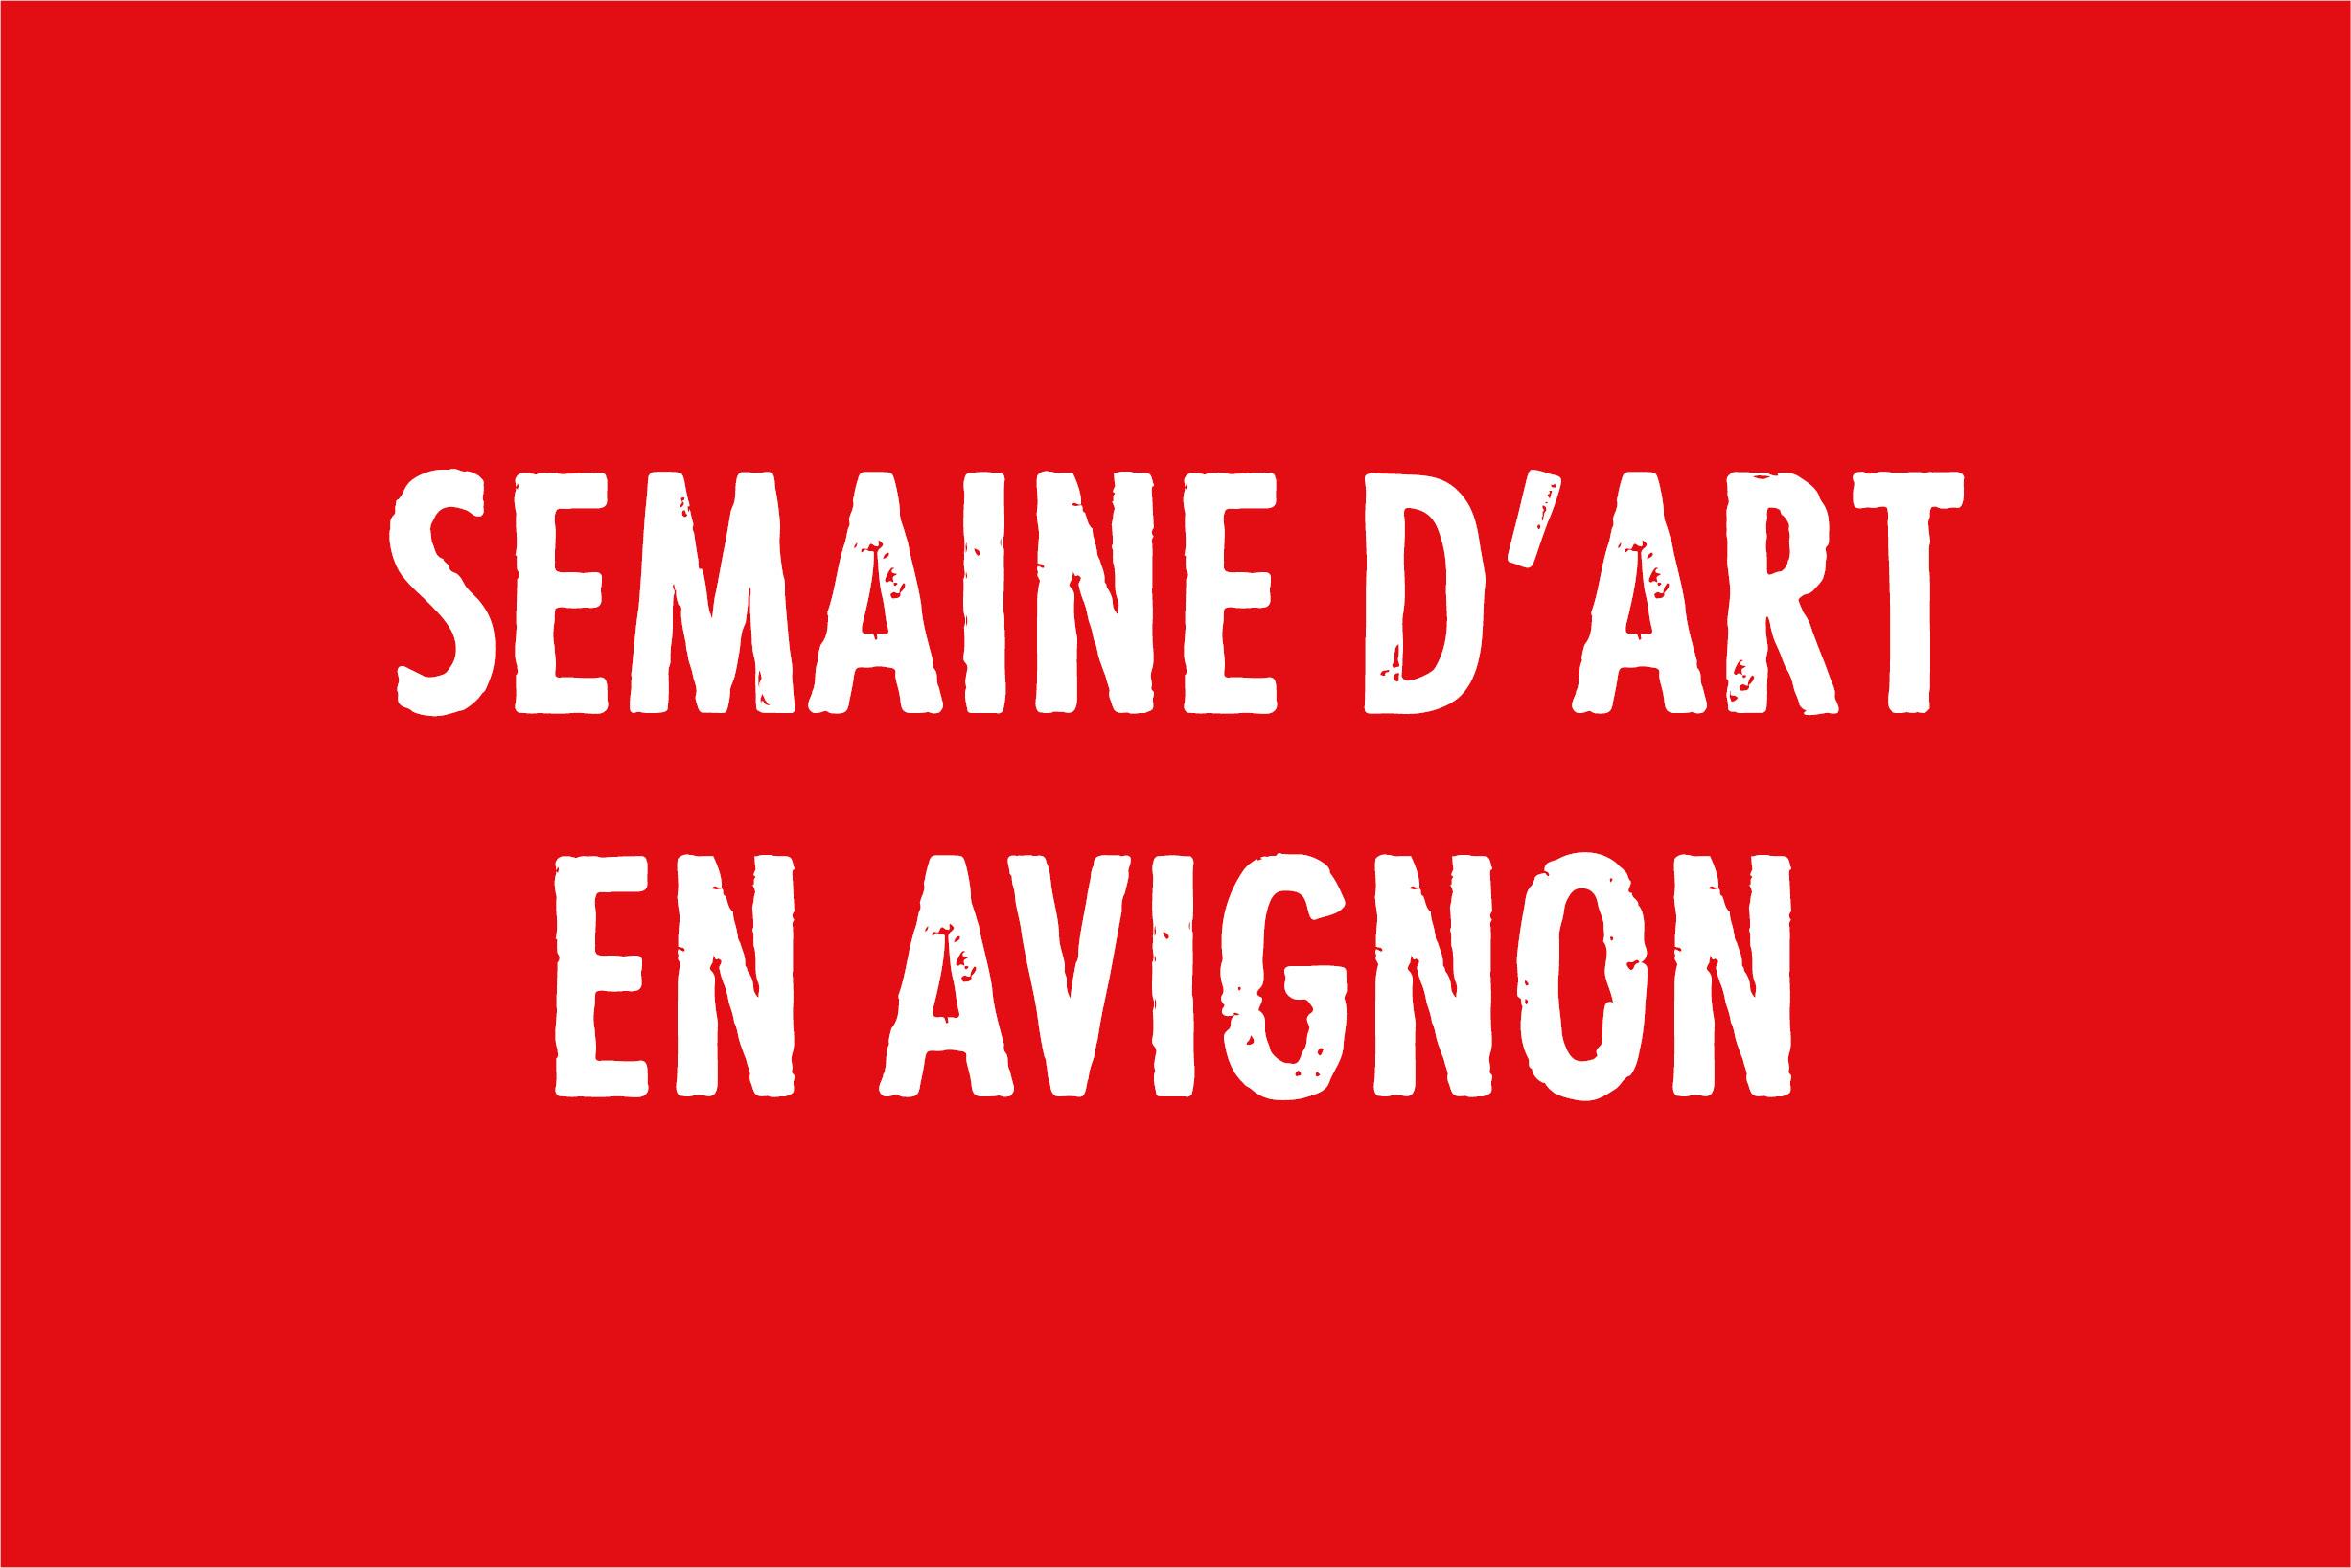 Semaine d'art en Avignon